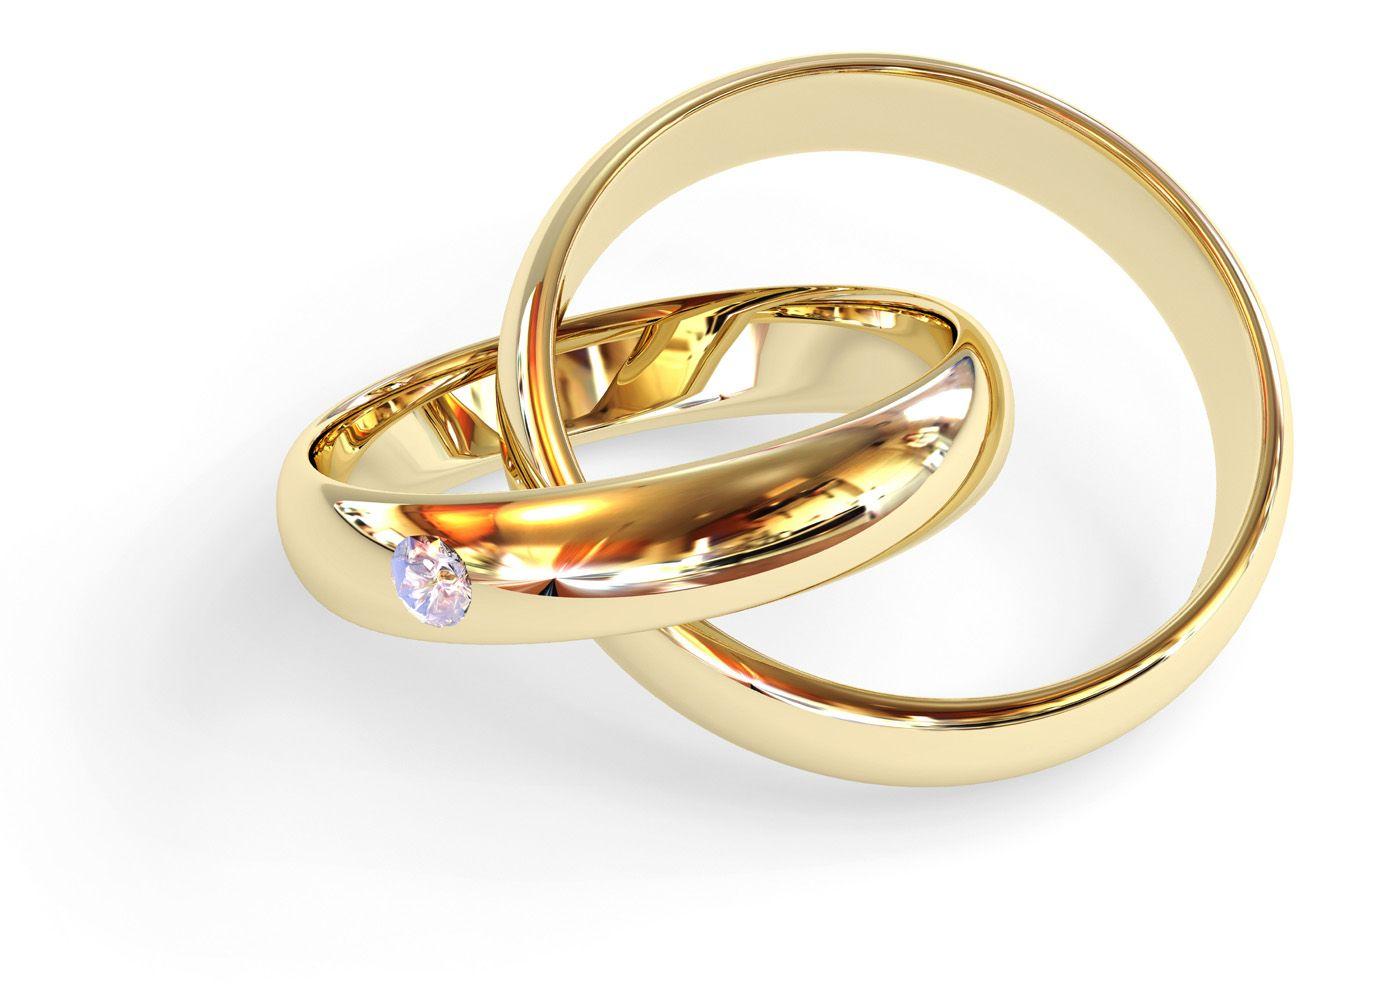 anillos de matrimonio wedding rings wedding photos pictures by weddingsofjoycom - Weddings Rings